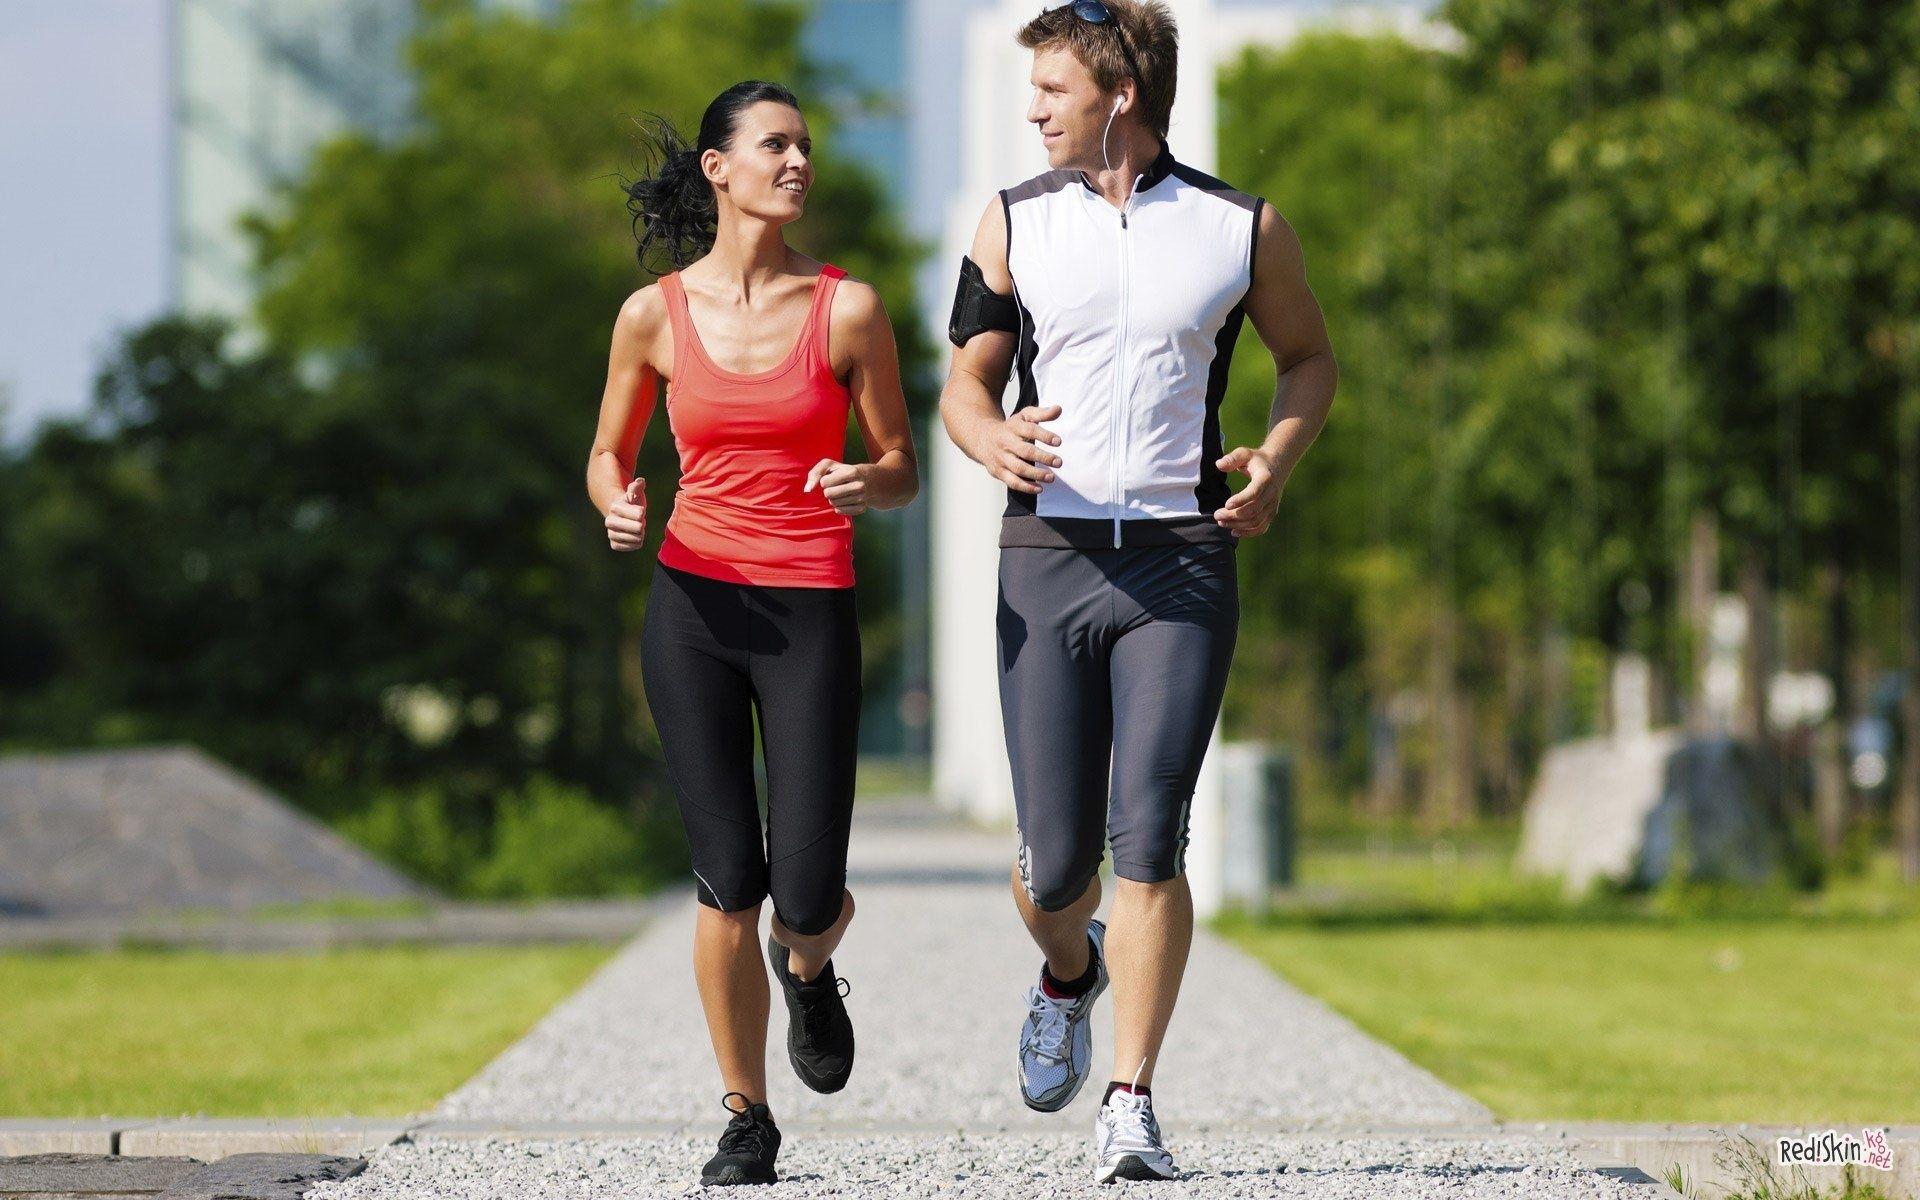 Бег для похудения: все нюансы и тонкости